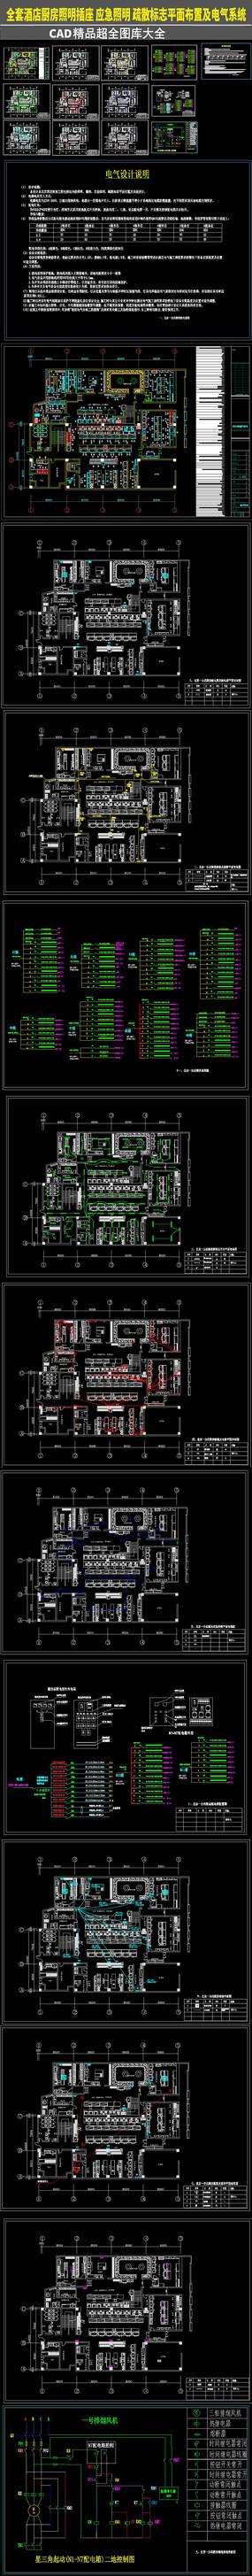 全套大型厨房平面图